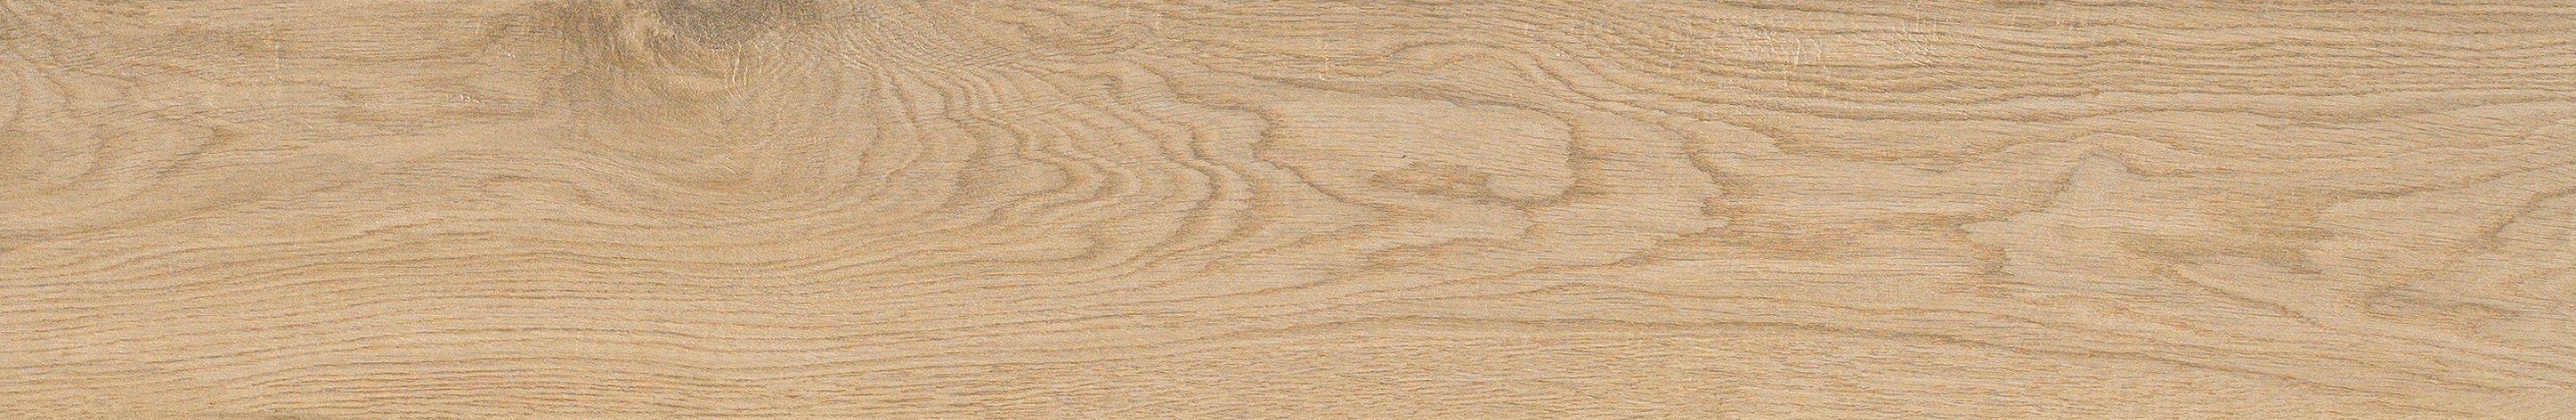 Pavimento rivestimento antibatterico effetto legno bio for Legno chiaro texture